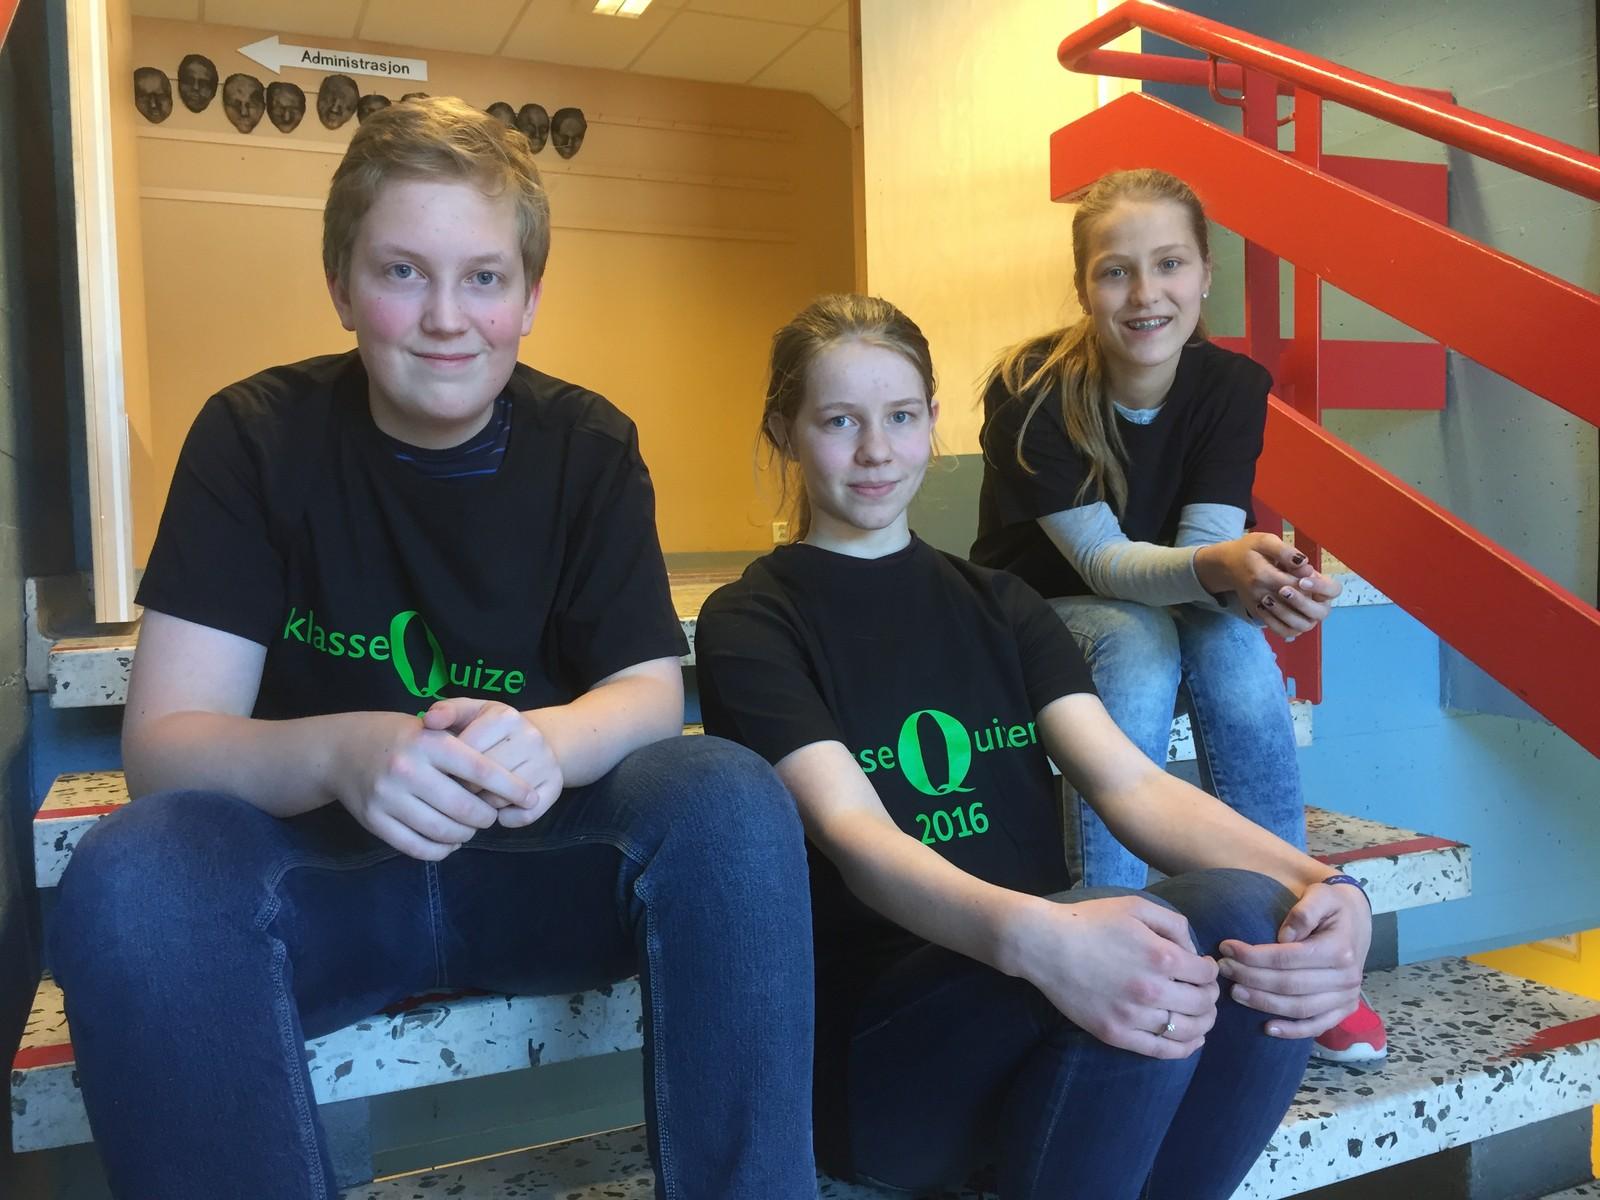 Marius Skaarseth, Johanne Klynderud Sundfør og Ida Delphin Gulbrandsen fra Smestad ungdomsskole fikk 10 poeng.